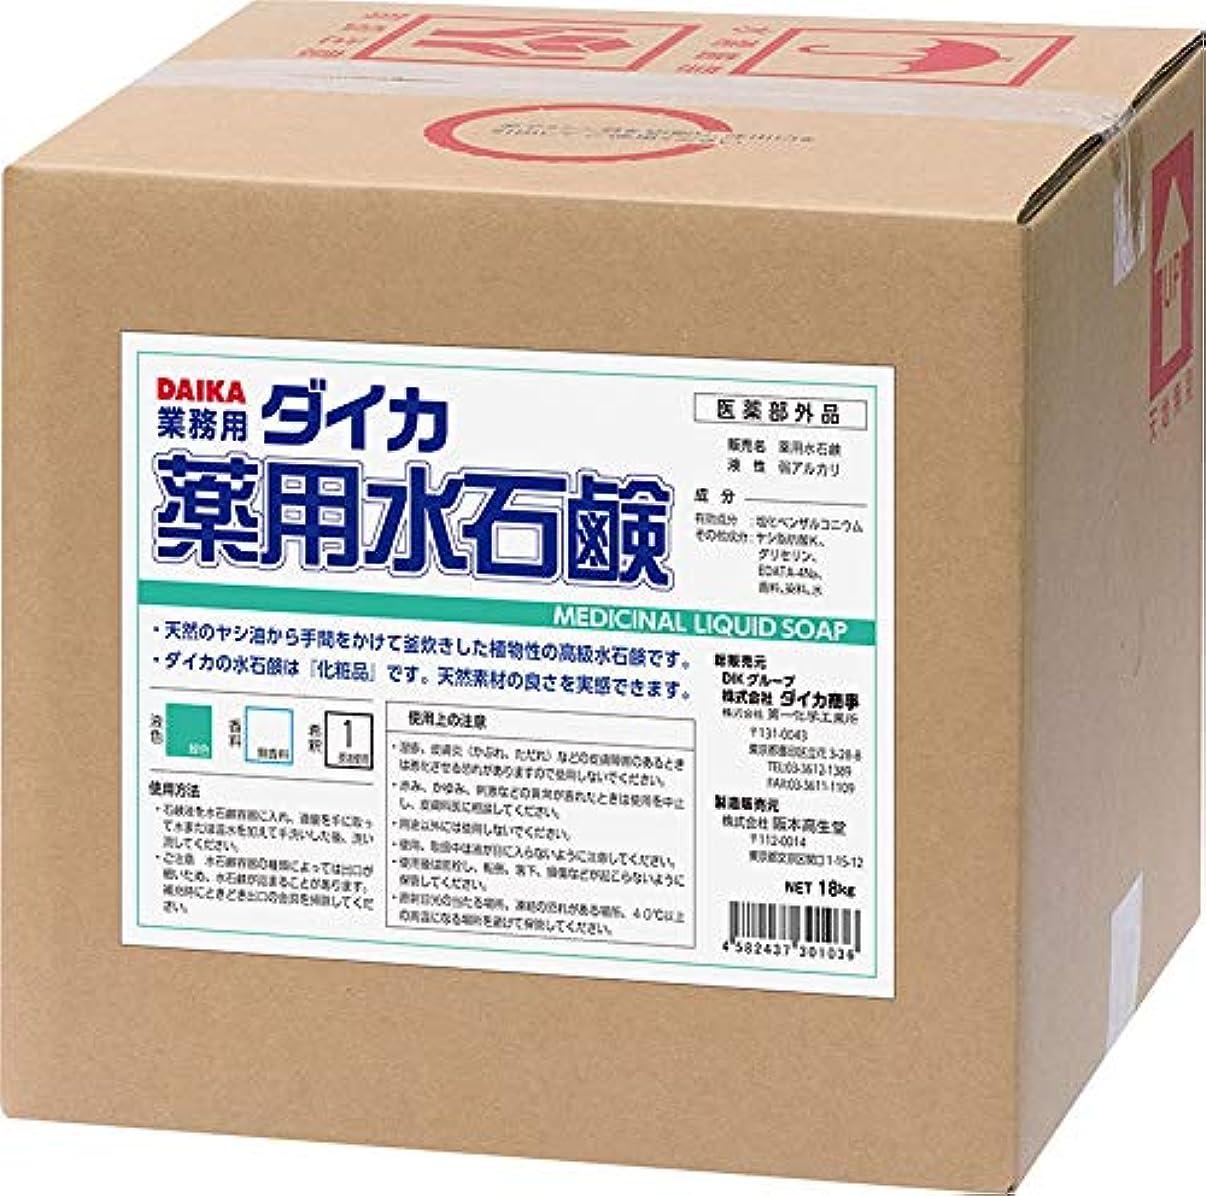 重量口述責める【医薬部外品】業務用 ハンドソープ ダイカ 薬用 水石鹸 MGN 18kg